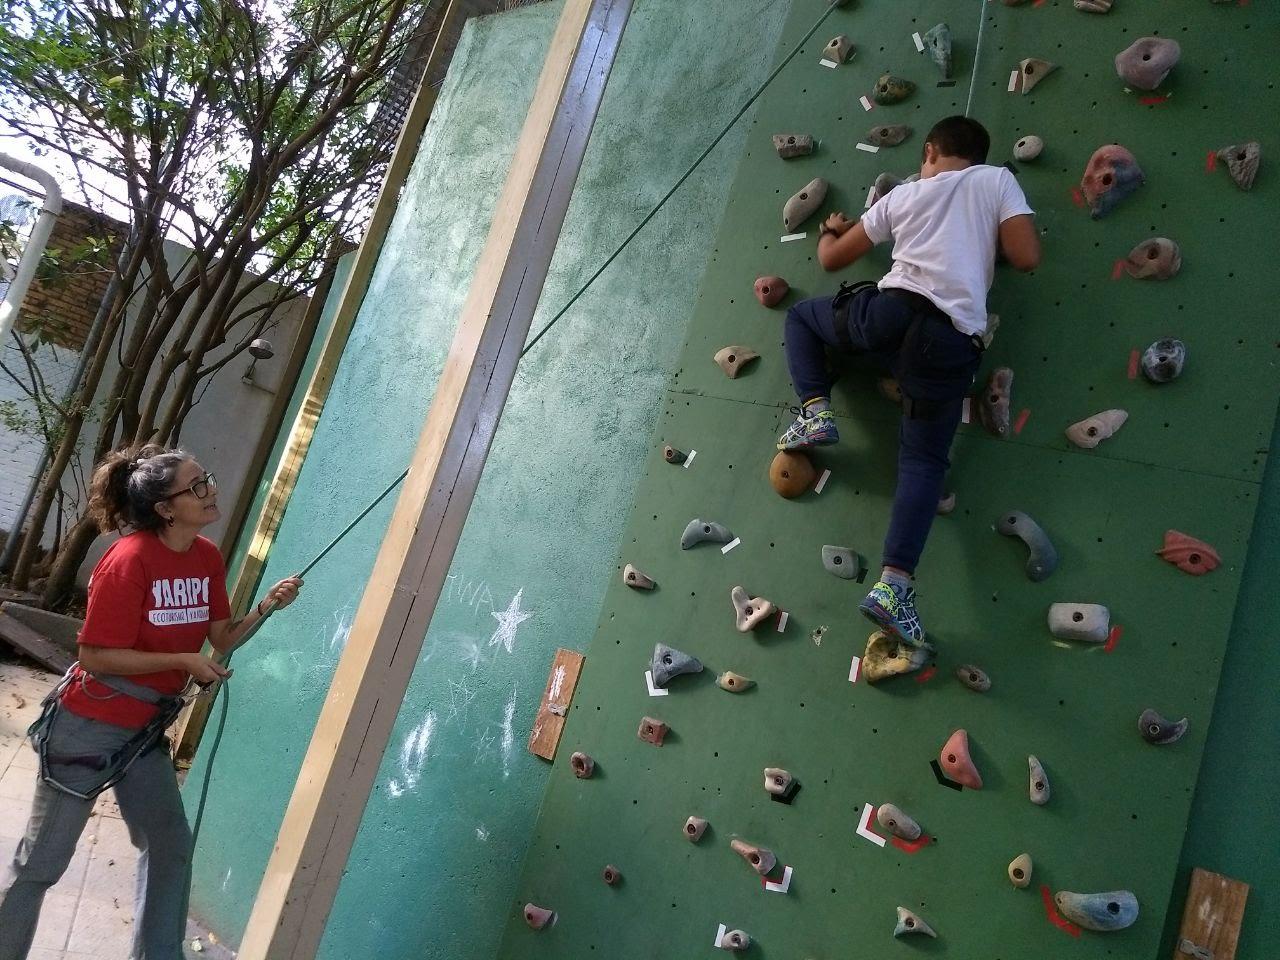 Escola Amigos do Verde promove oficina de escalada para crianças em parceria com pais